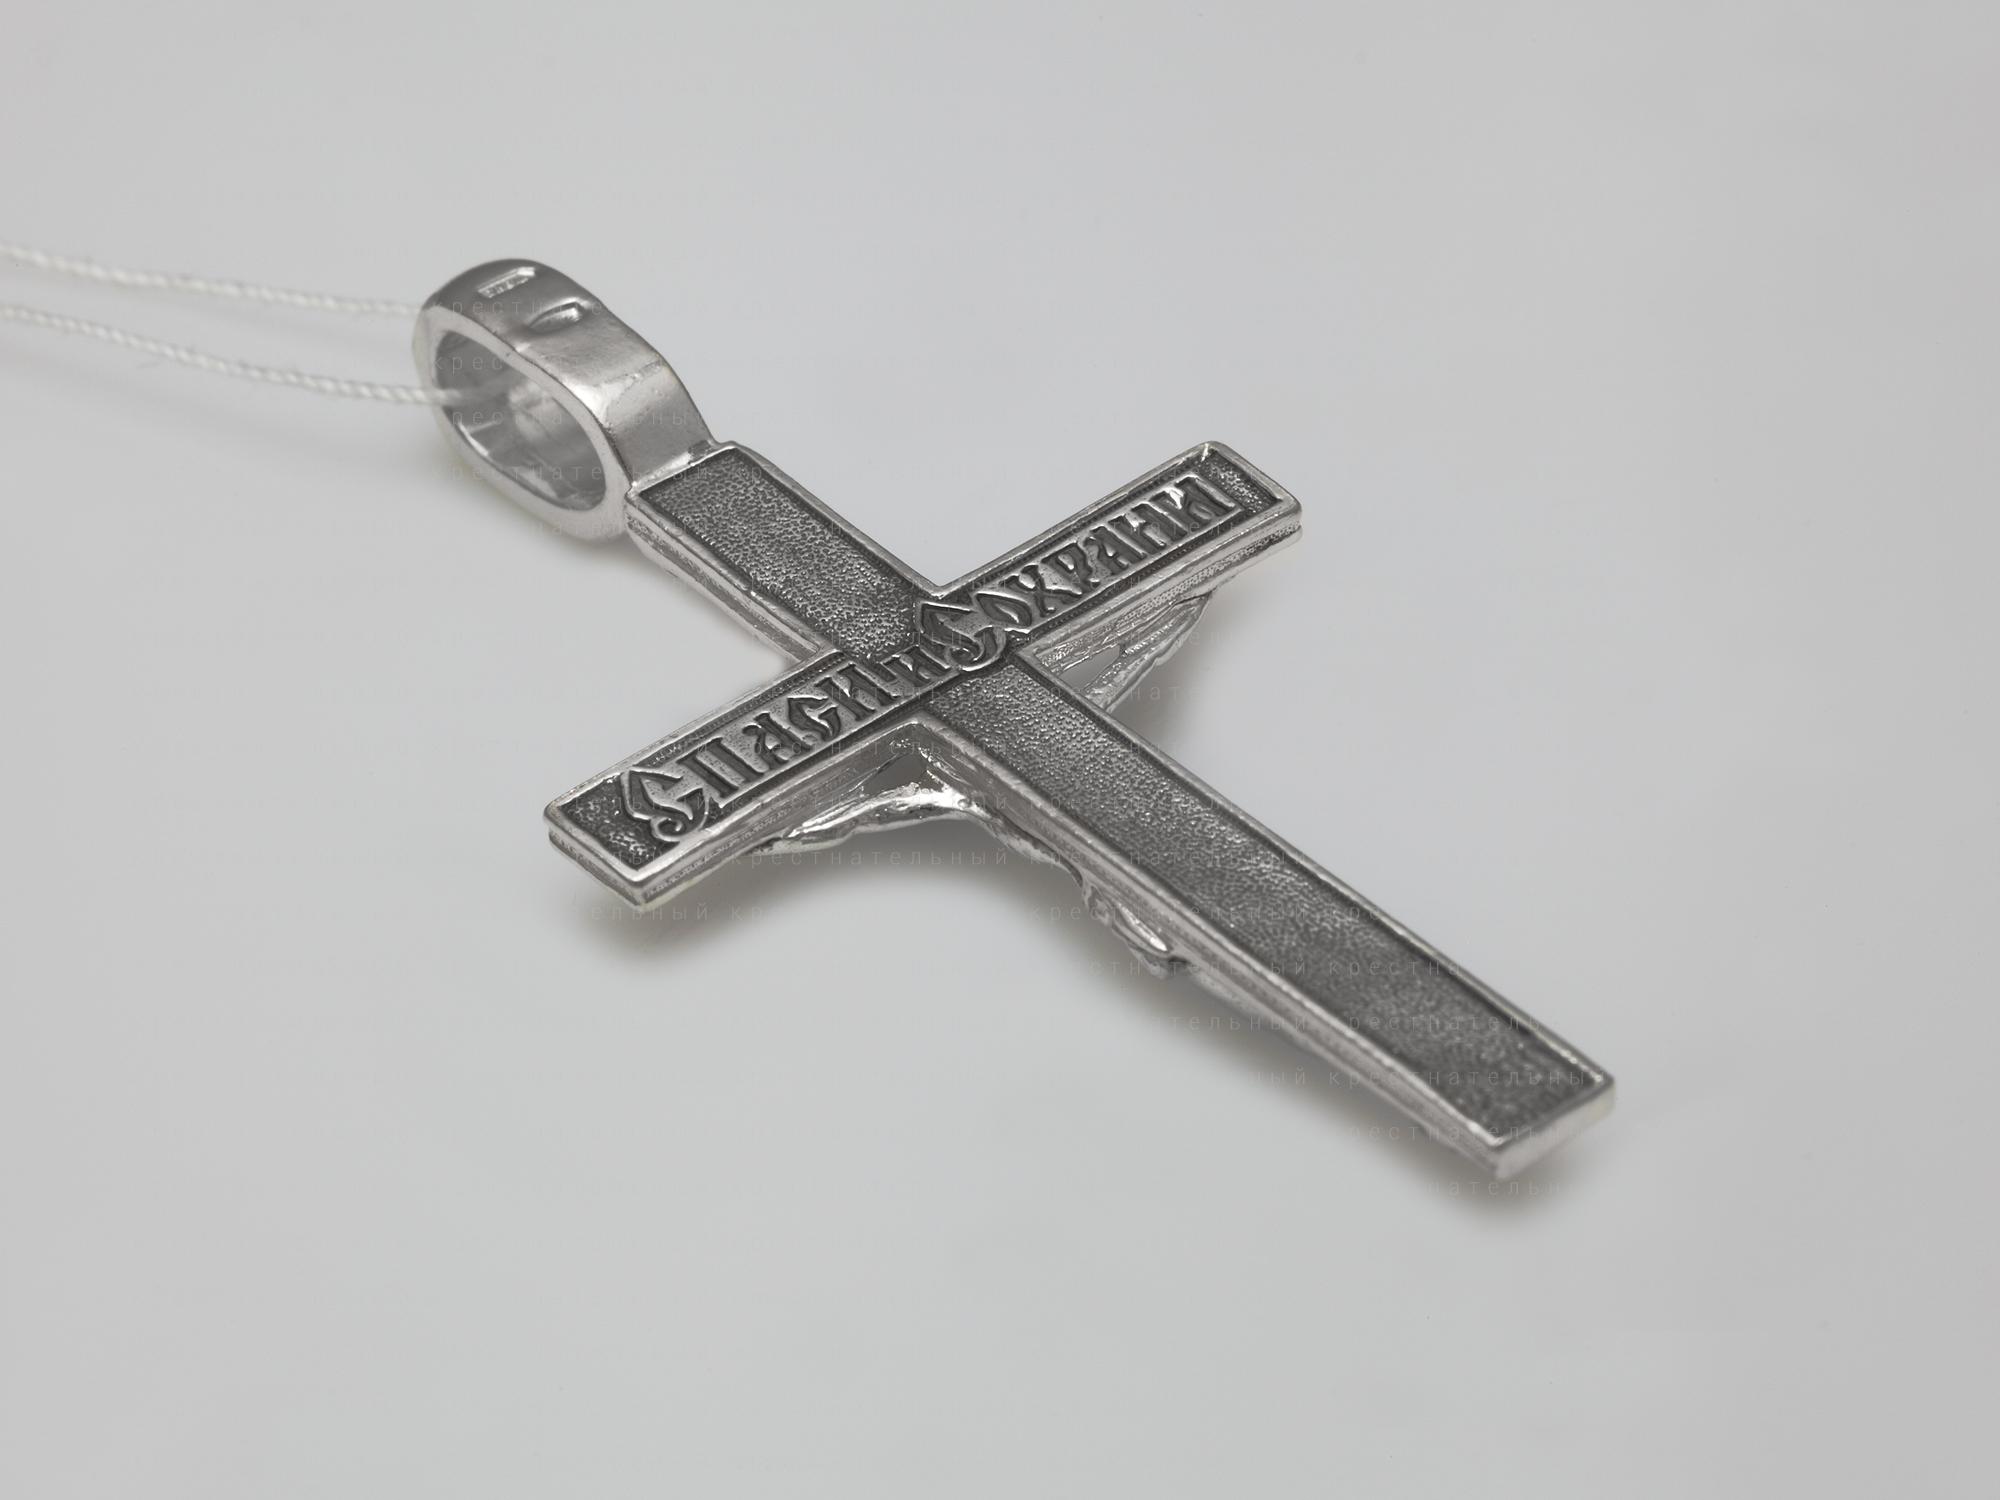 62. Распятие Христово. Православный крест. Спаси и Сохрани.